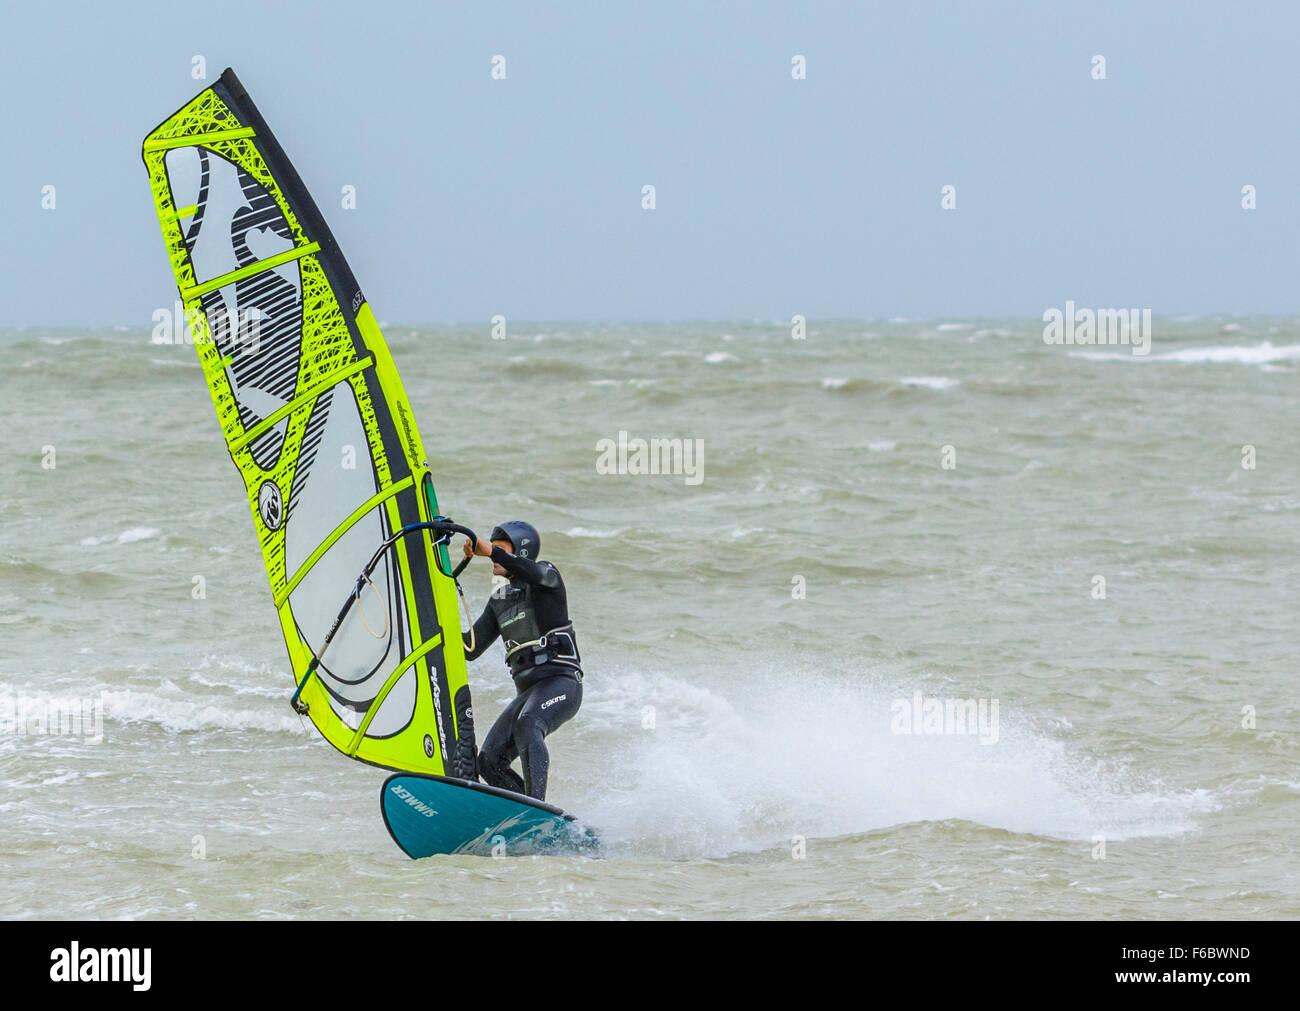 Windsurf su un mare agitato. Immagini Stock